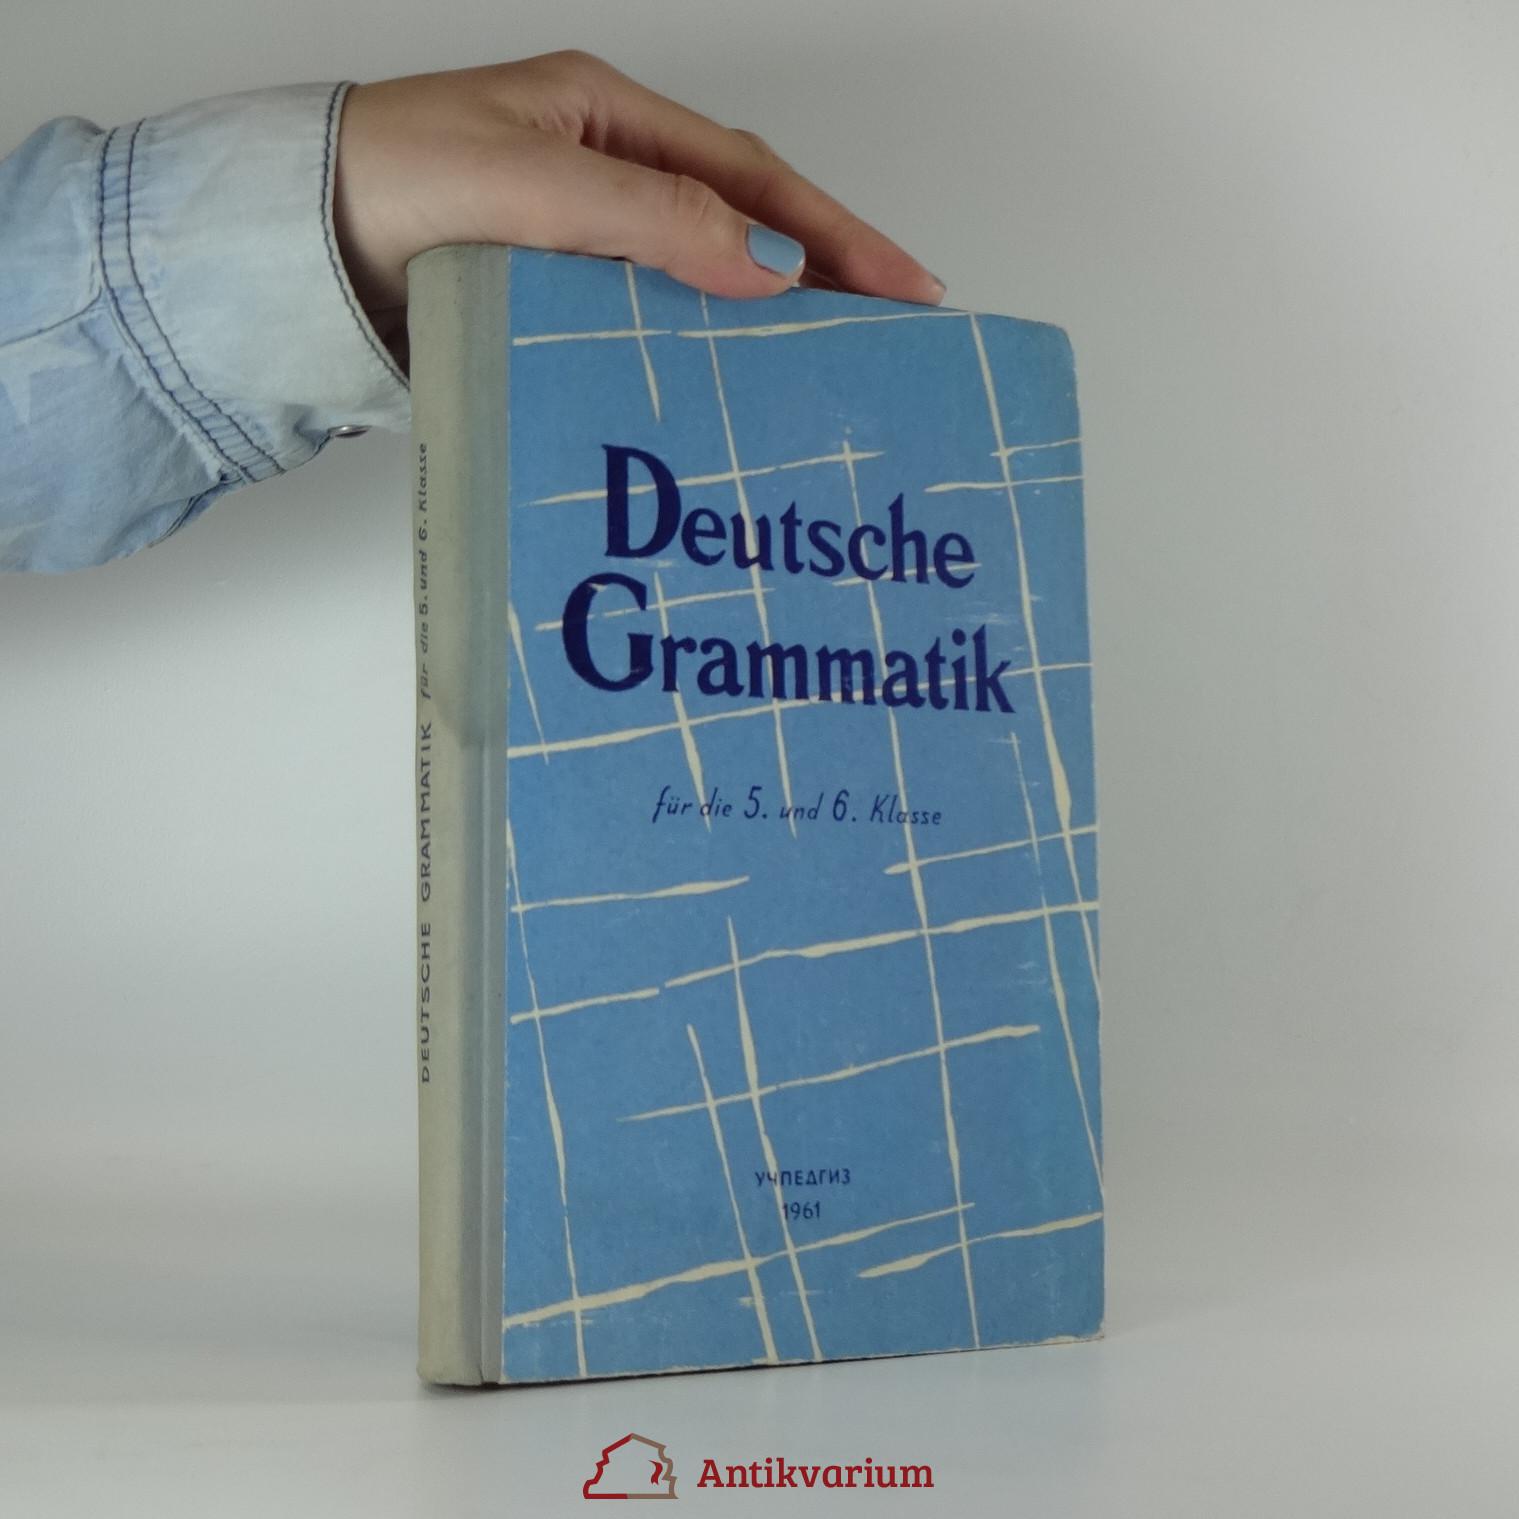 antikvární kniha Deutsche Grammatik (für die 5. und 6. Klasse), 1961